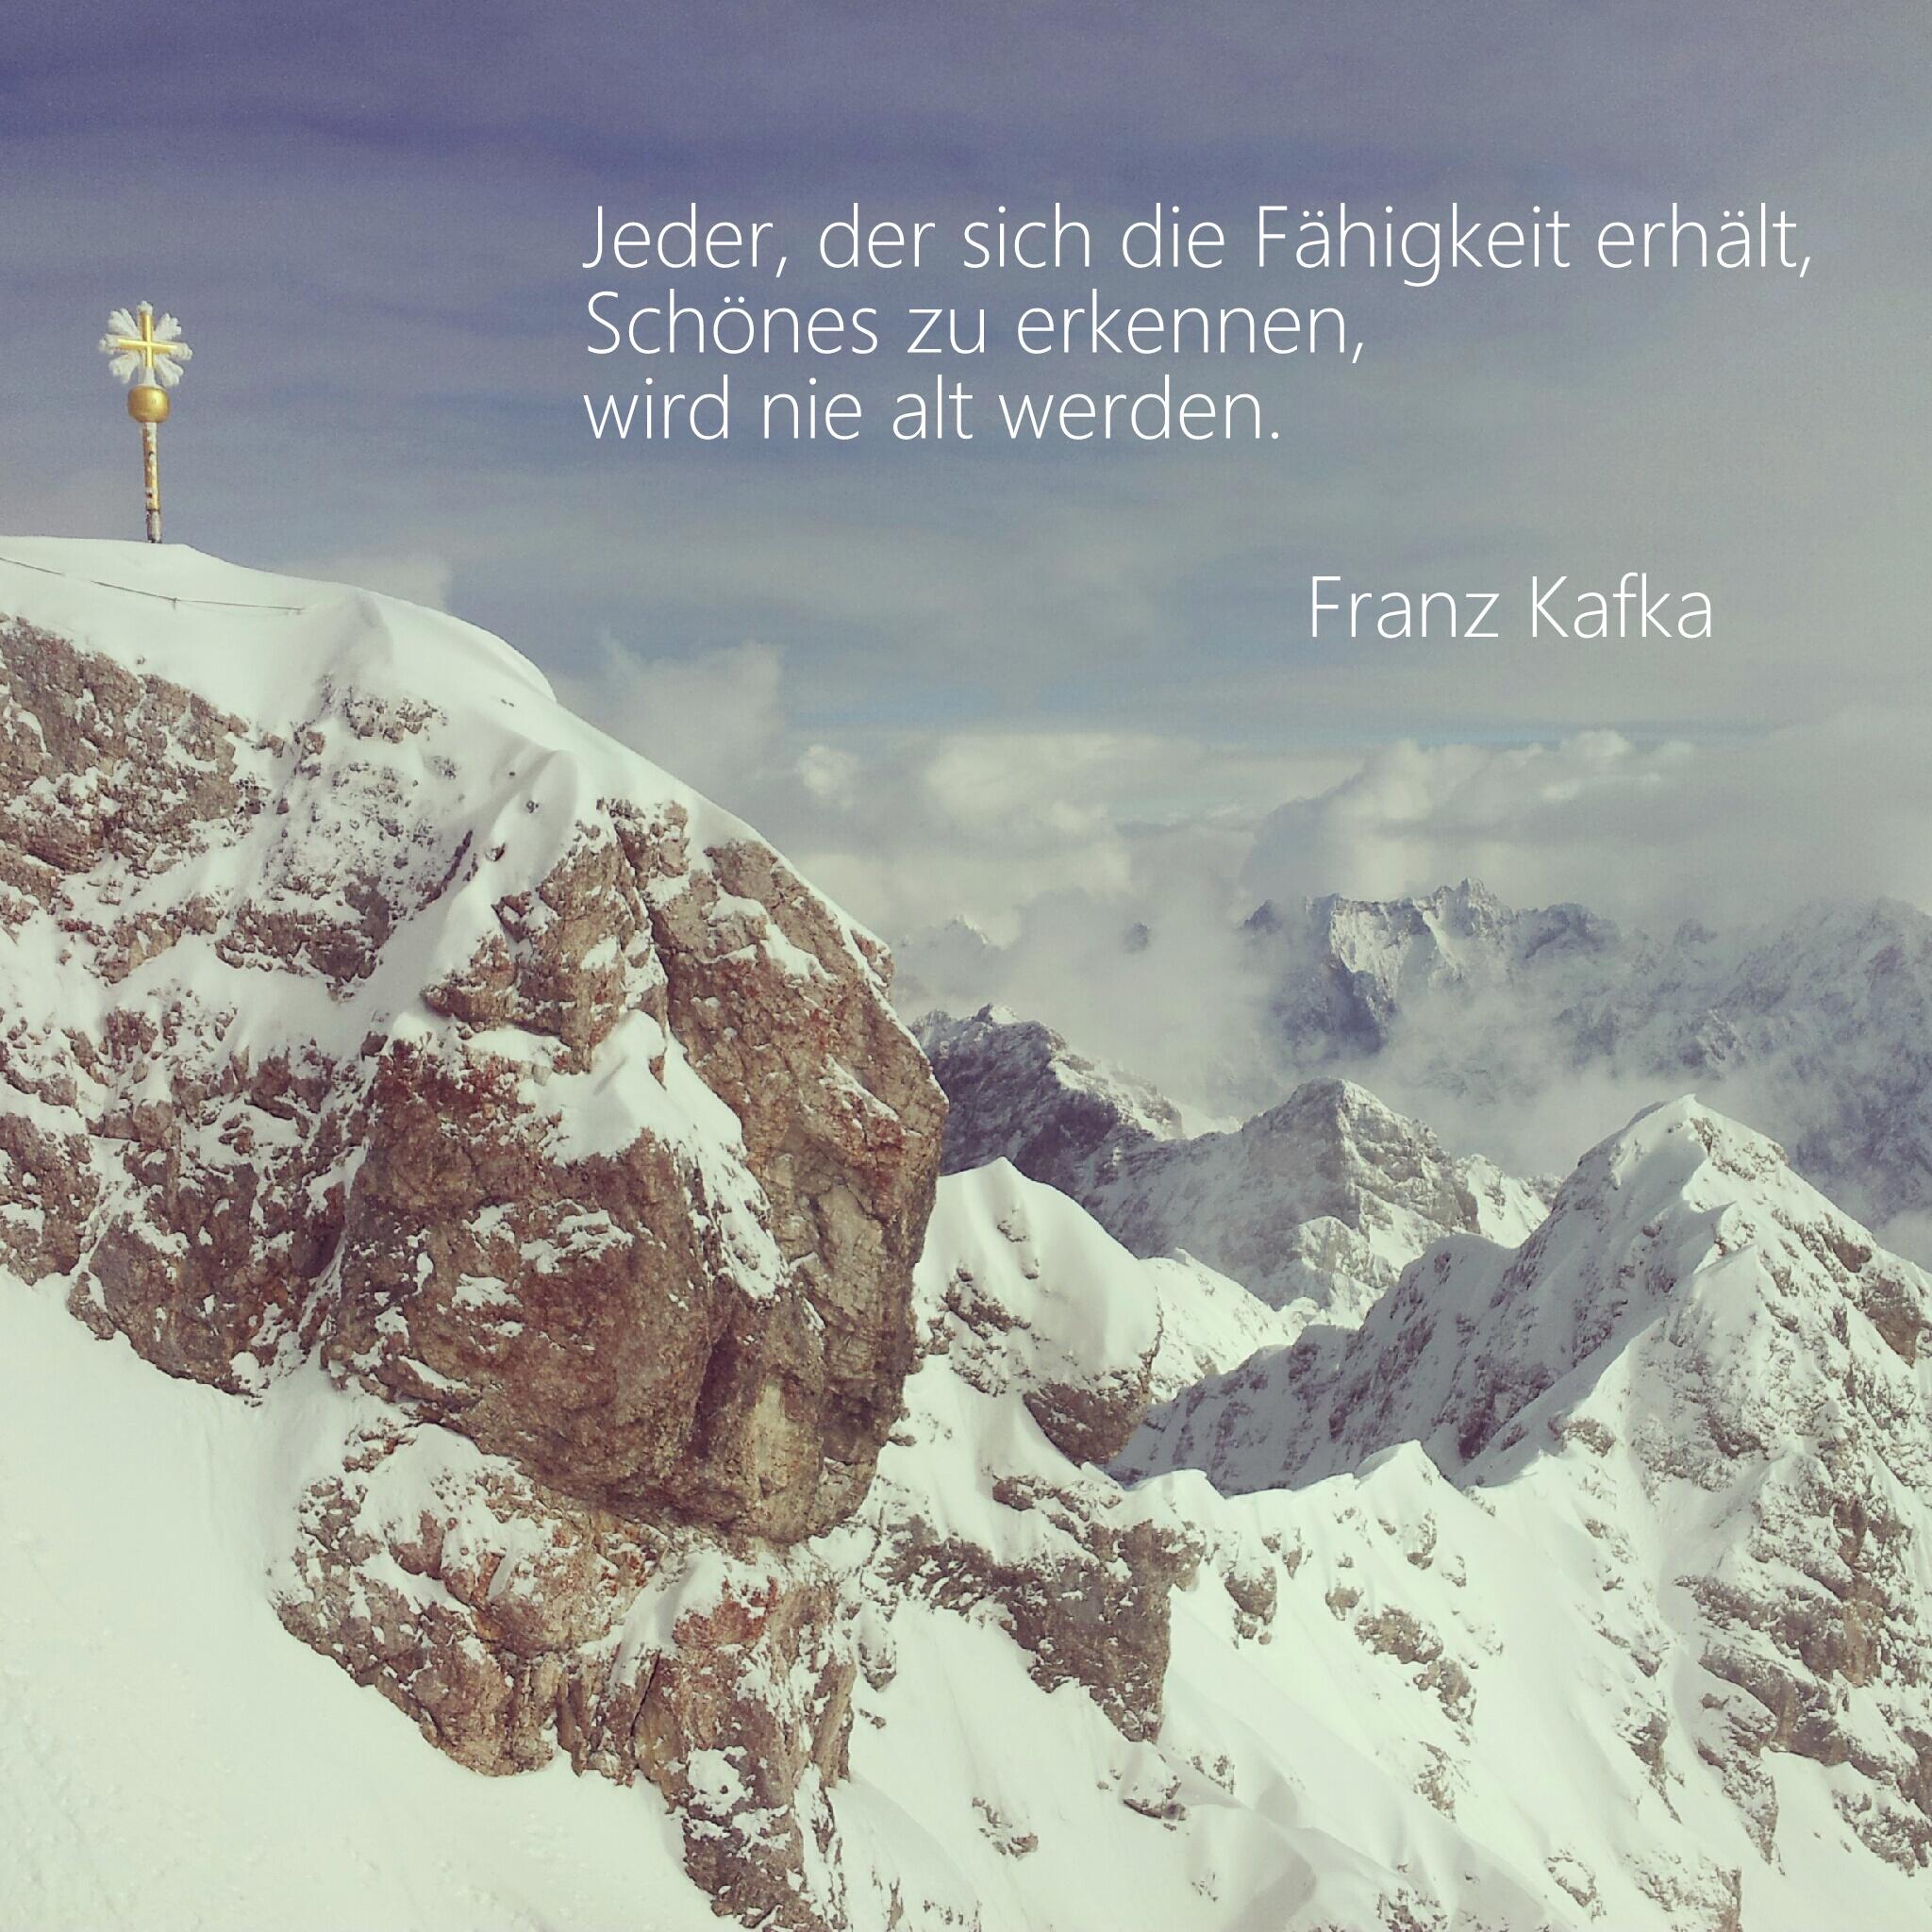 Einzigartig Zitaten Leben Foto Von Franz Kafka Zitat